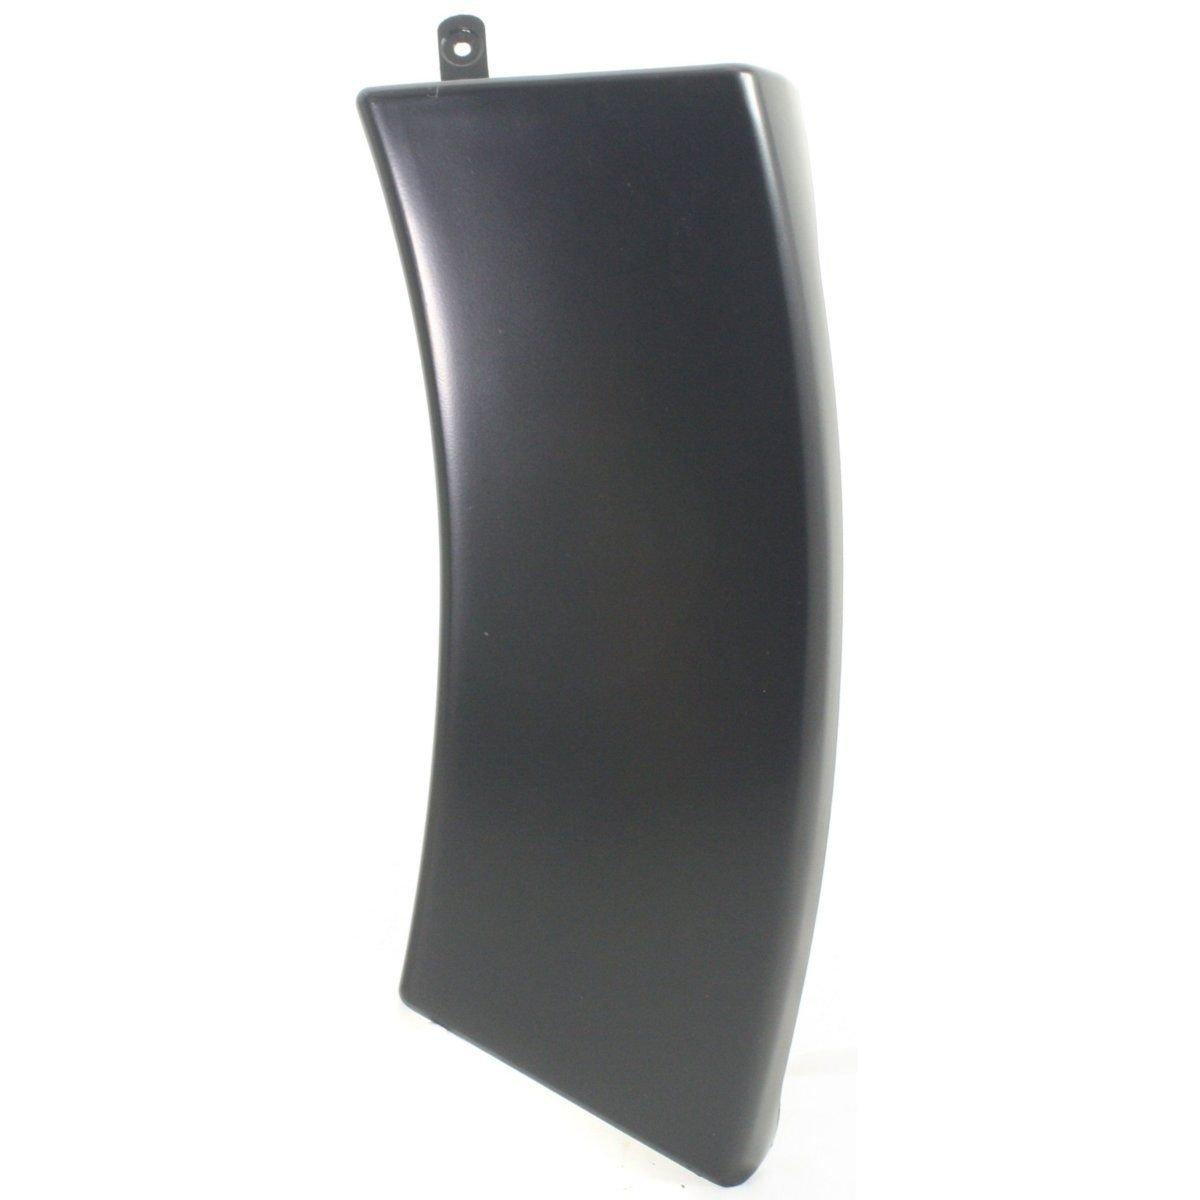 Koolzap For 12-15 CRV Rear Fender Molding Moulding Trim Arch Left Hand Driver Side HO1790104